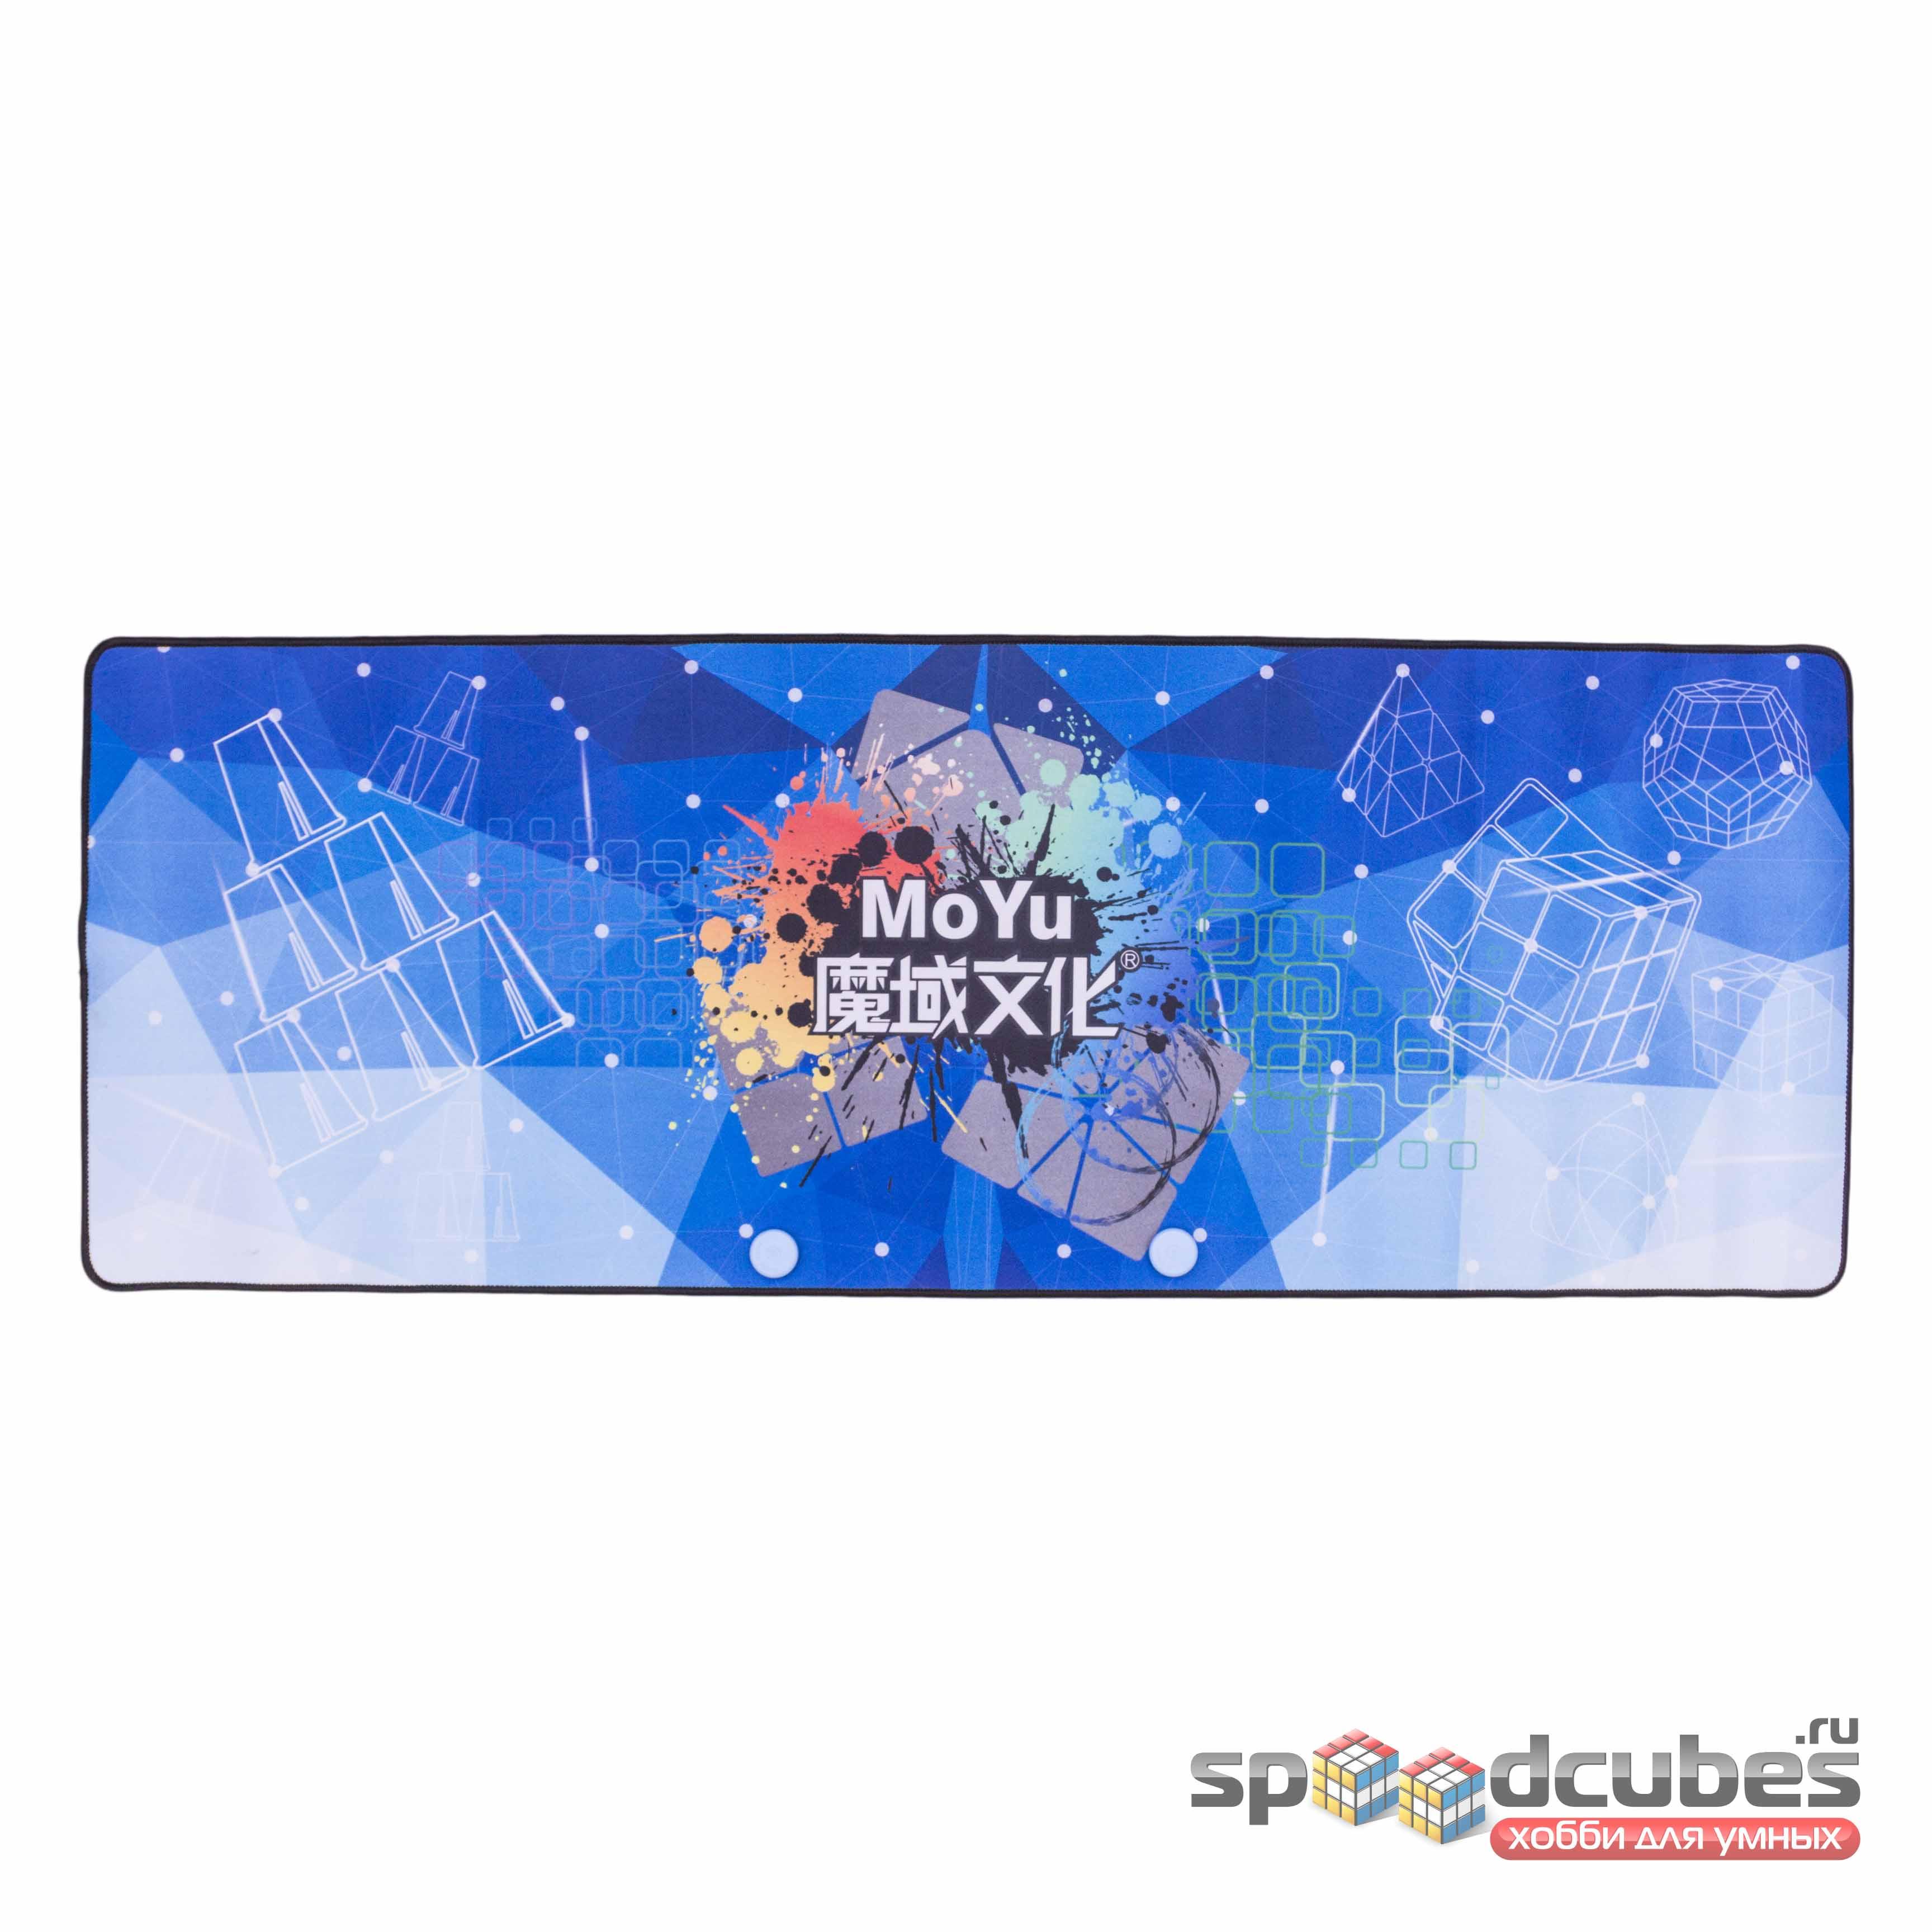 Набор креплений для матов MoYu и QiYi MoFangGe 2